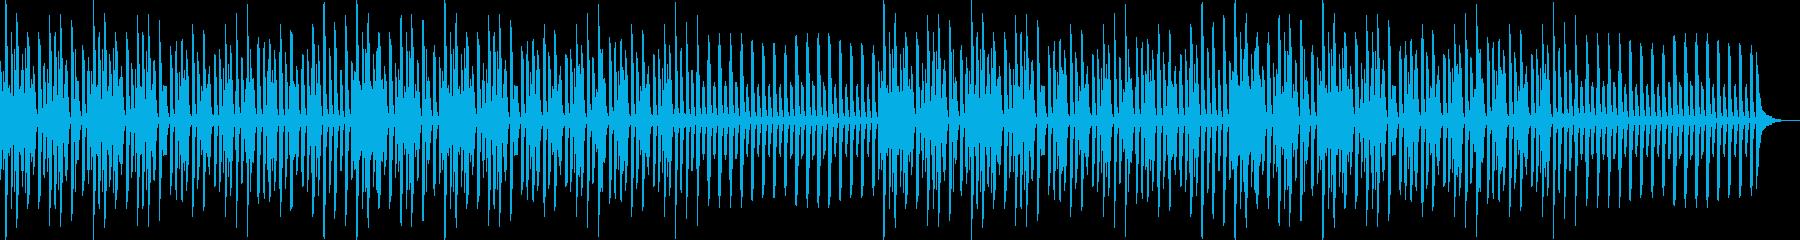 YouTube・楽しい・ほのぼの・ピアノの再生済みの波形